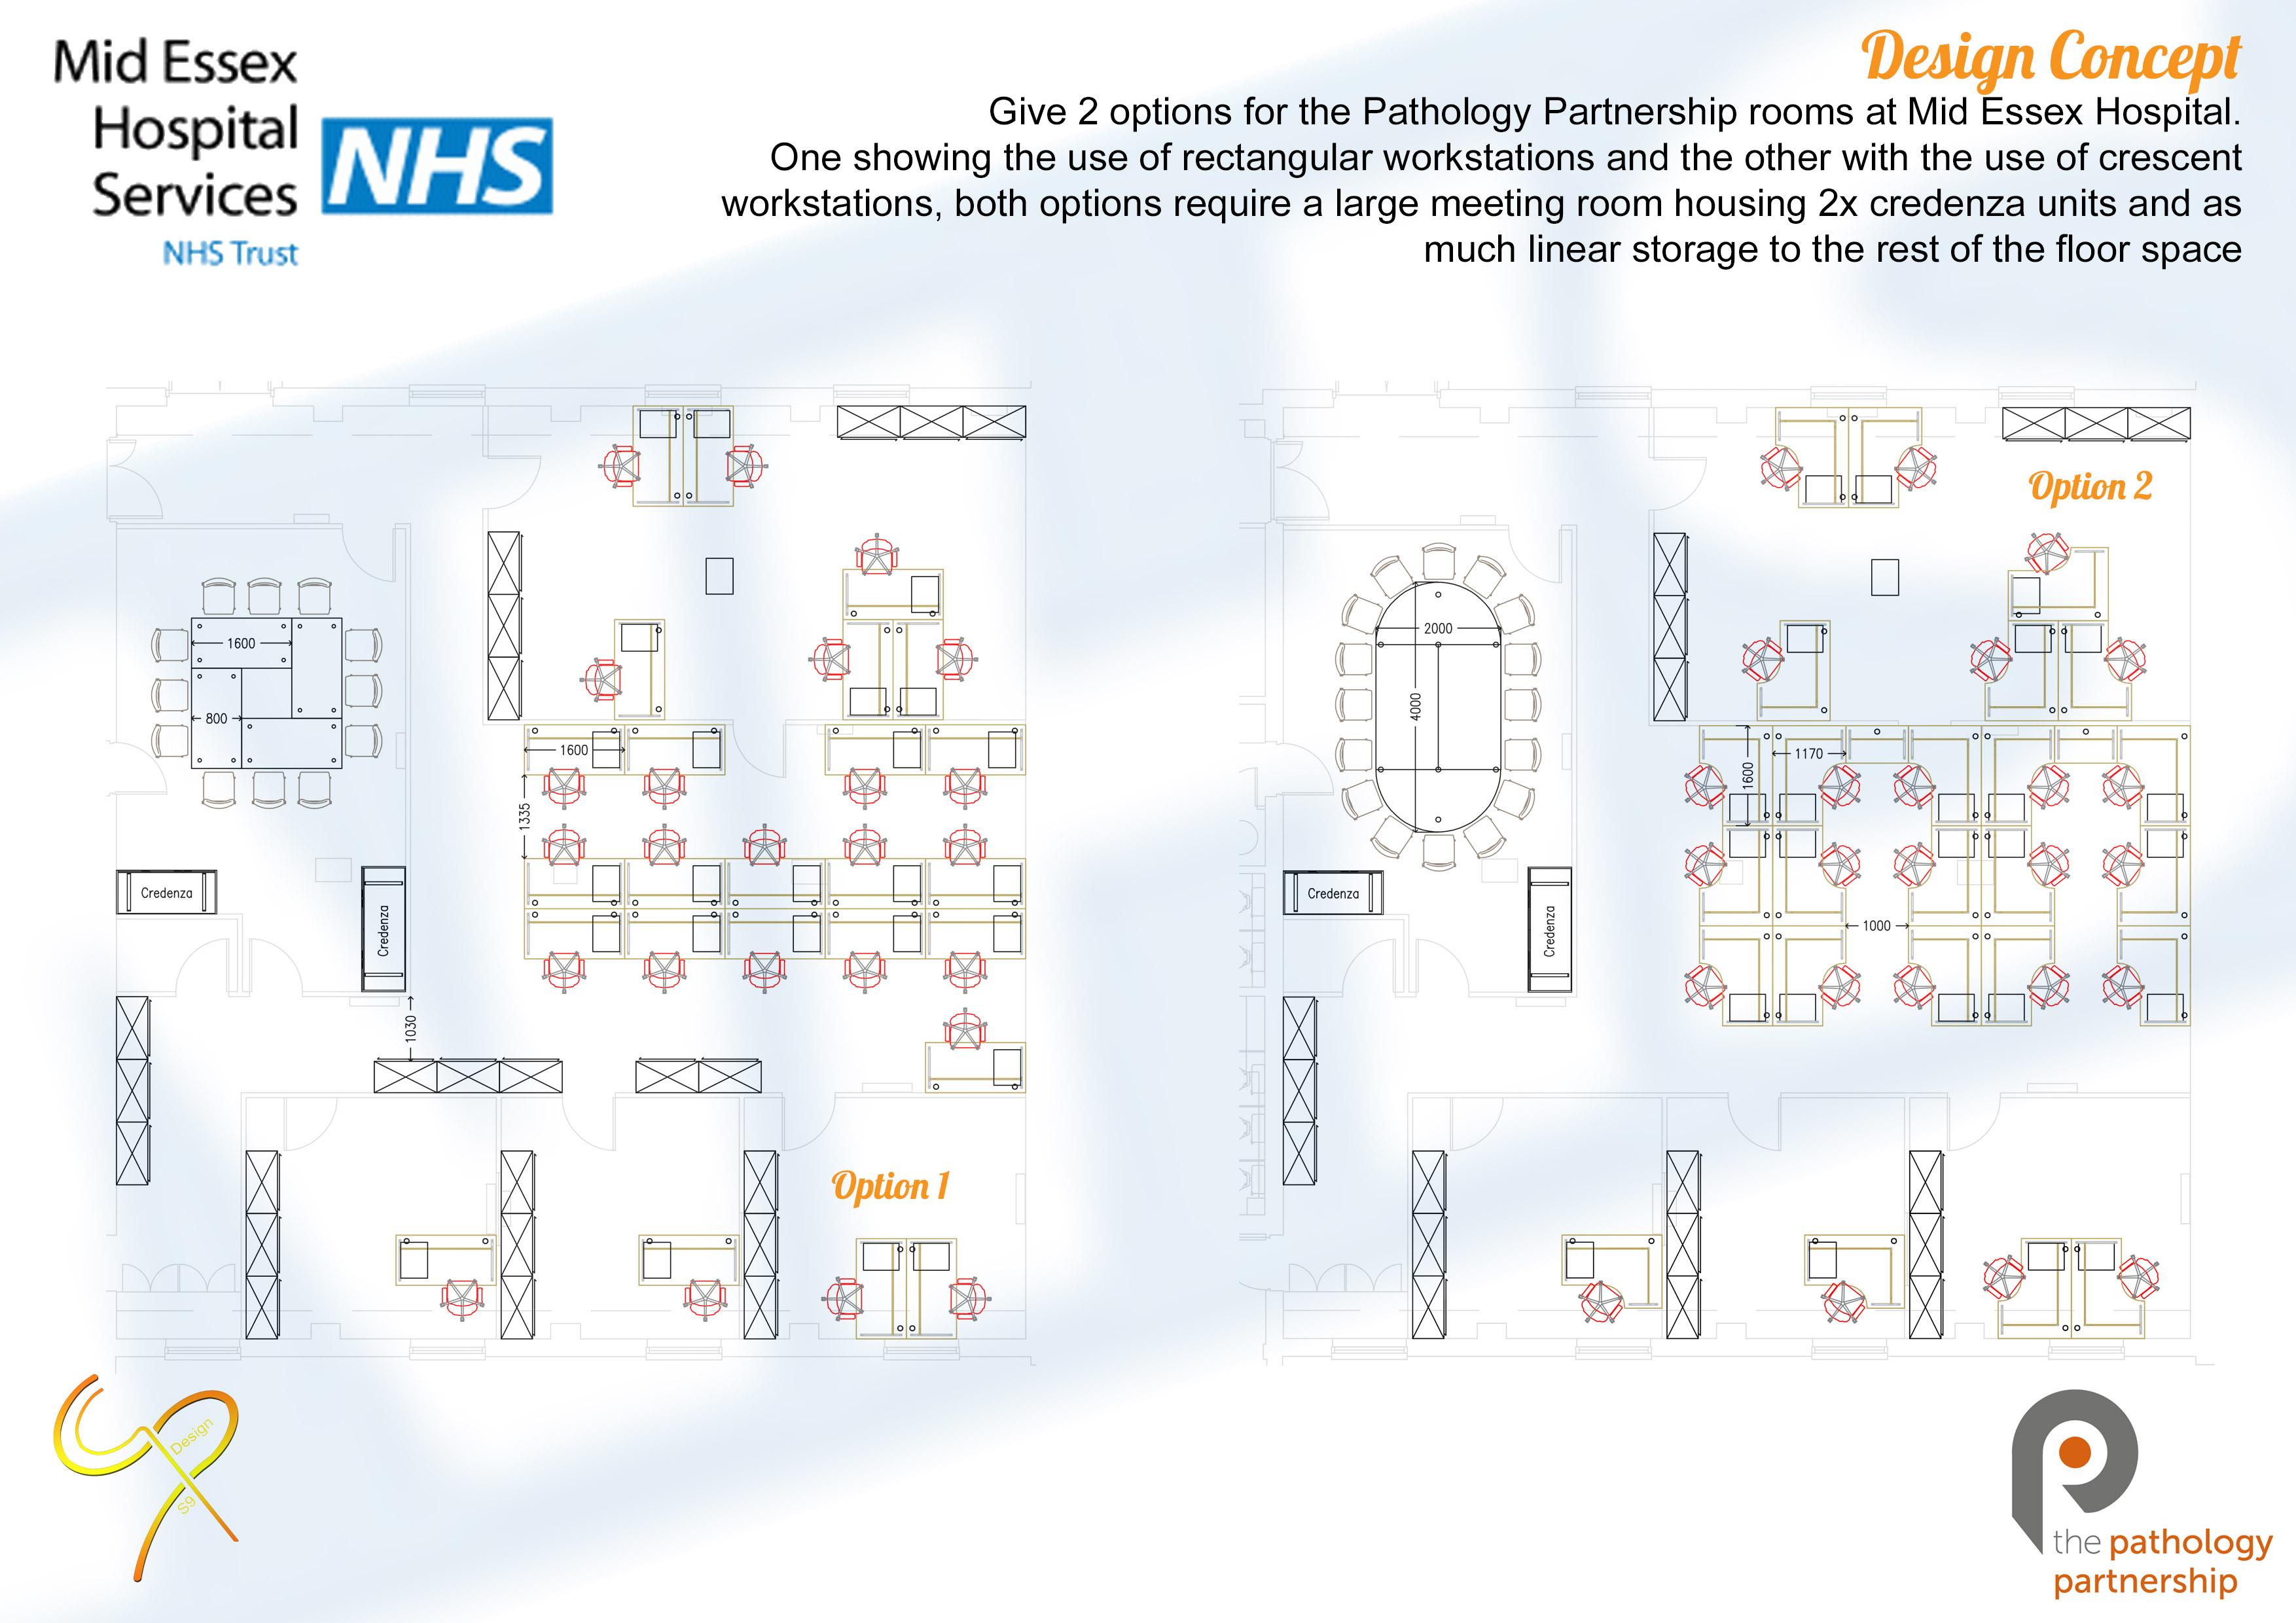 Mid Essex Hospital - Pathology Partnership